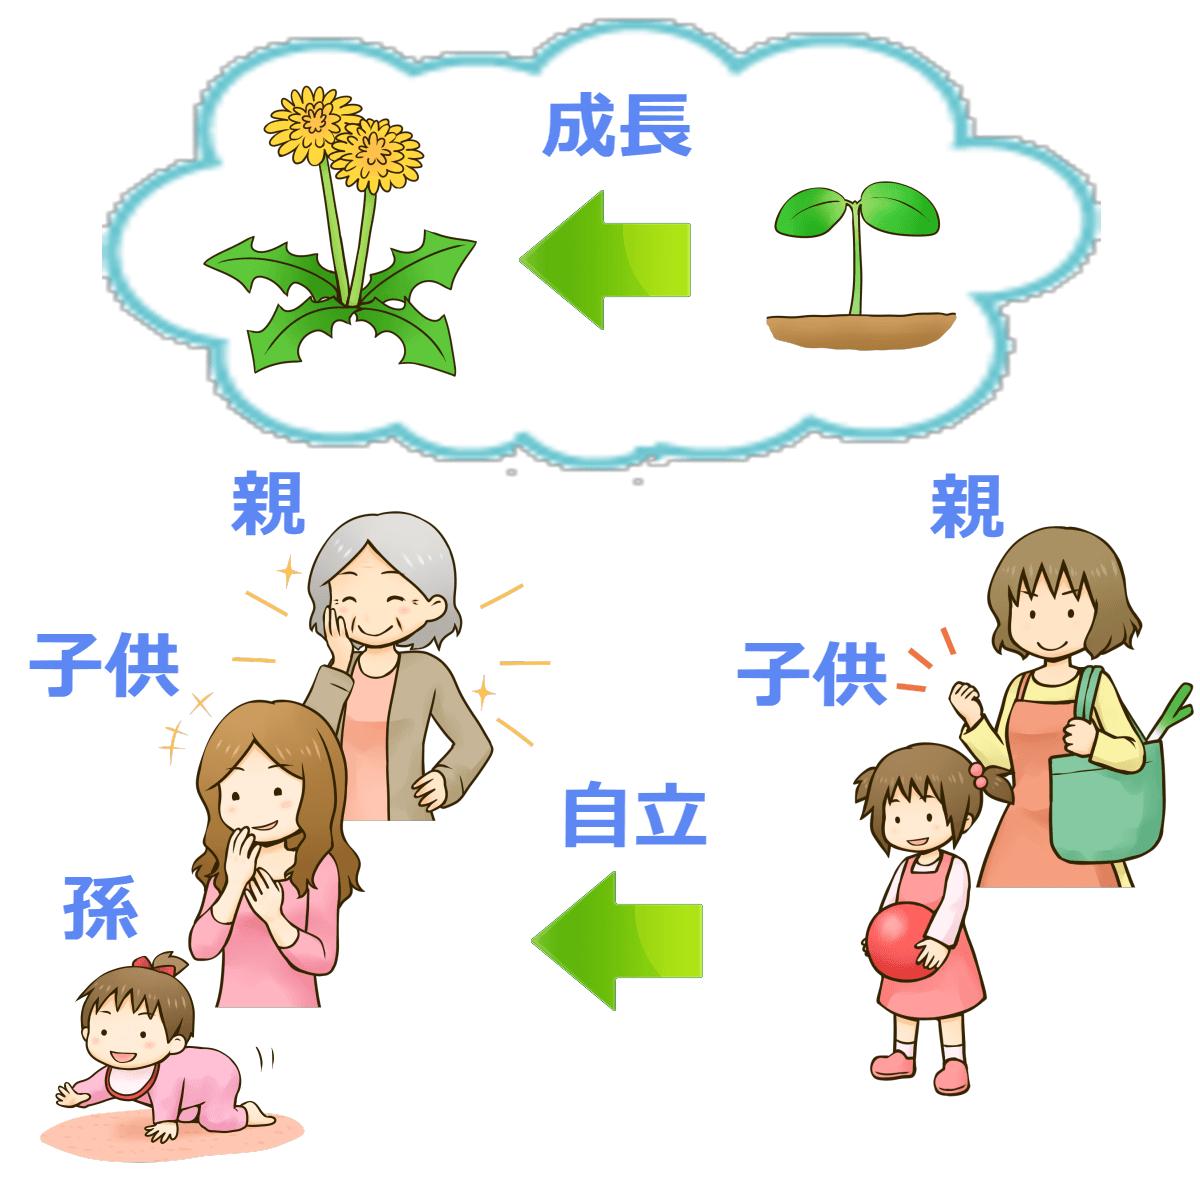 過干渉や過保護をしない健康的な育児の様子を表わすイラスト